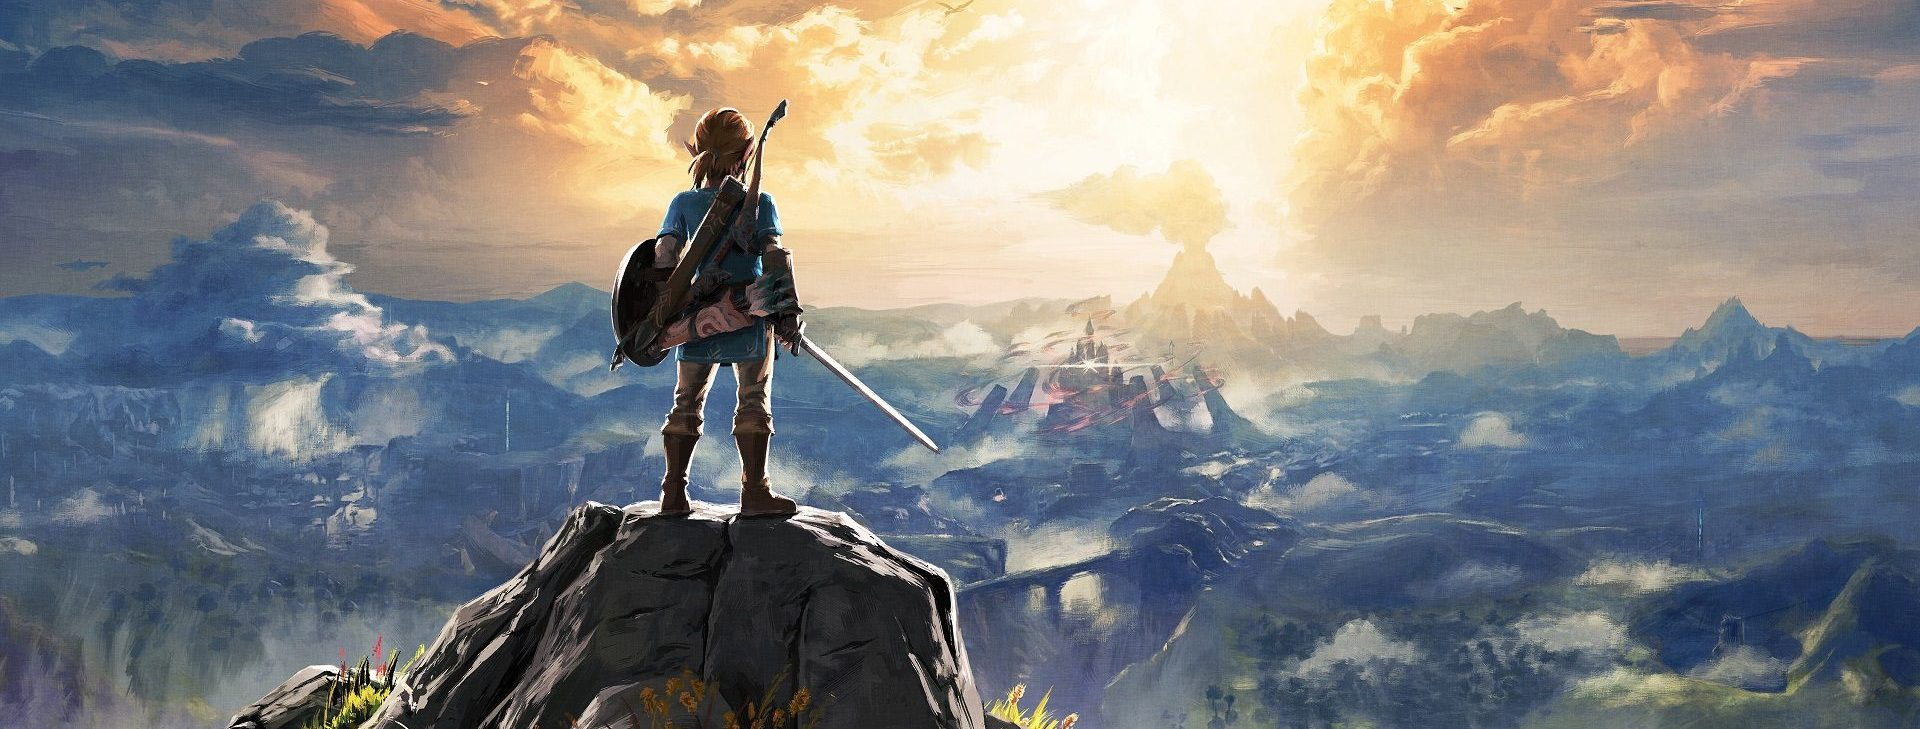 Zelda-Breath-of-the-Wild-screenshots6-1920x1041 (1)